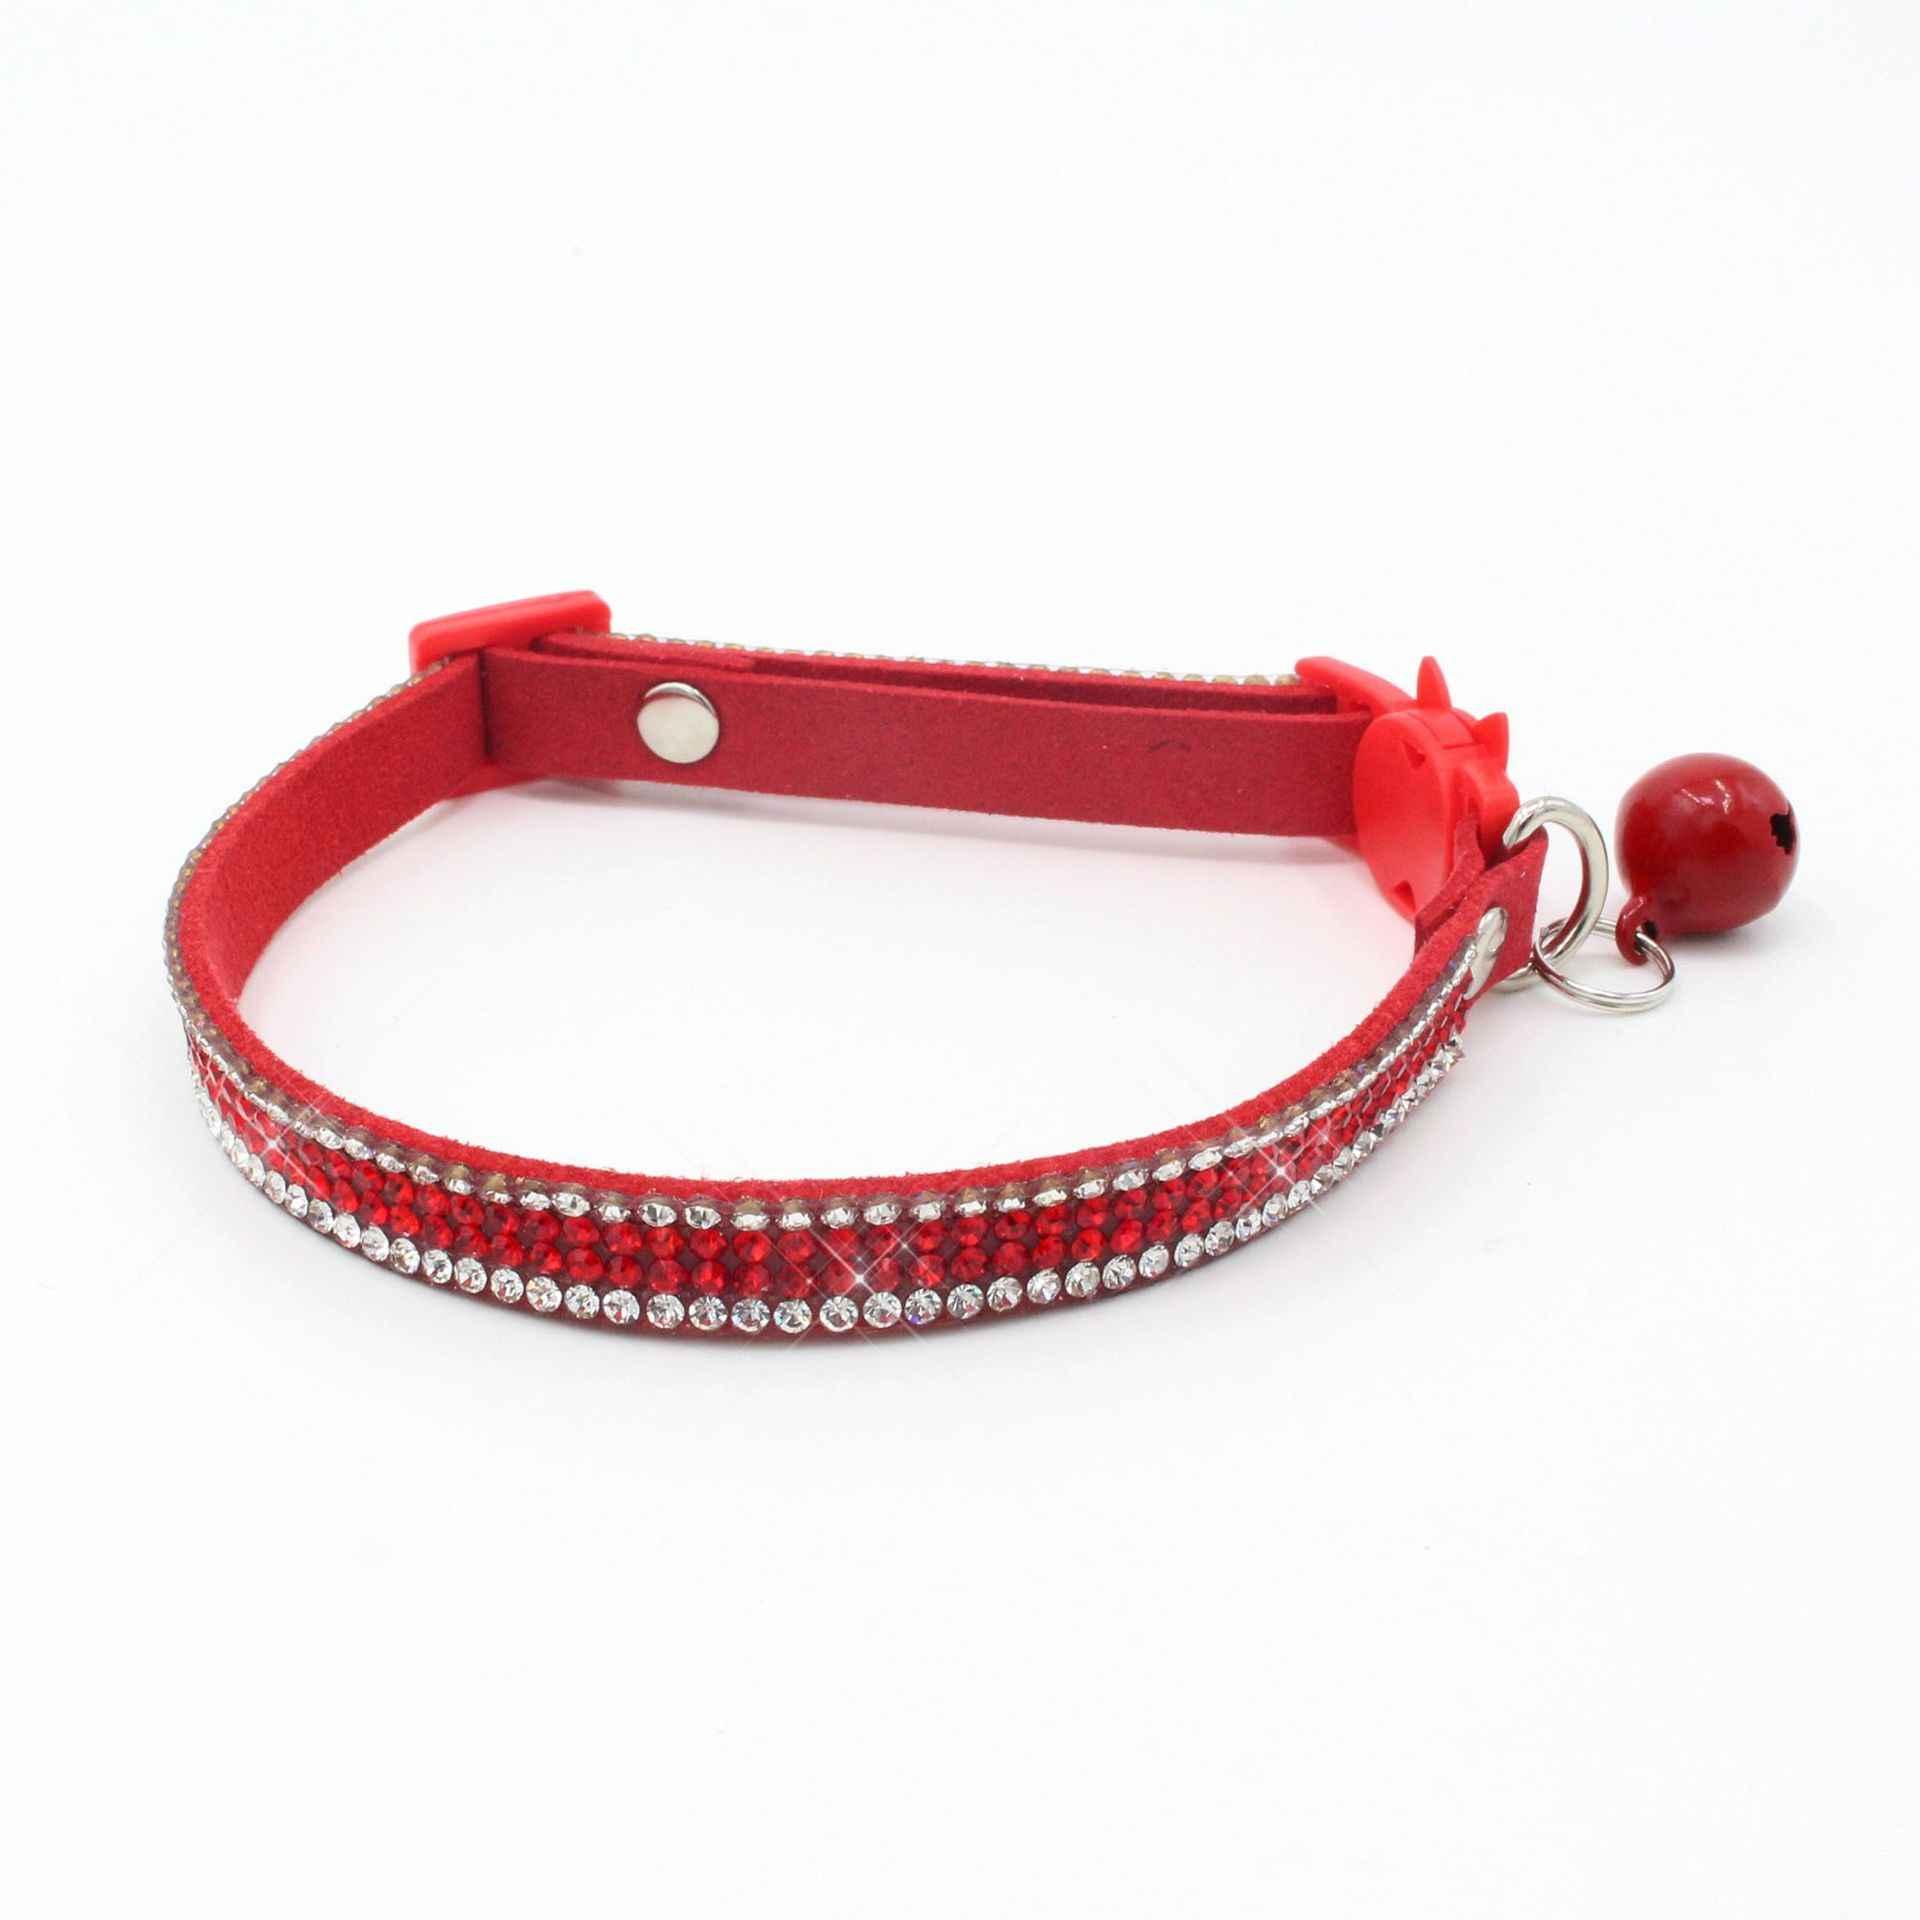 Kat Kraag Crystal Ketting Voor Kitty Met Bell Breakaway Nek Ring Veiligheid Katten Halsbanden Kat Accessoires Huisdier Producten